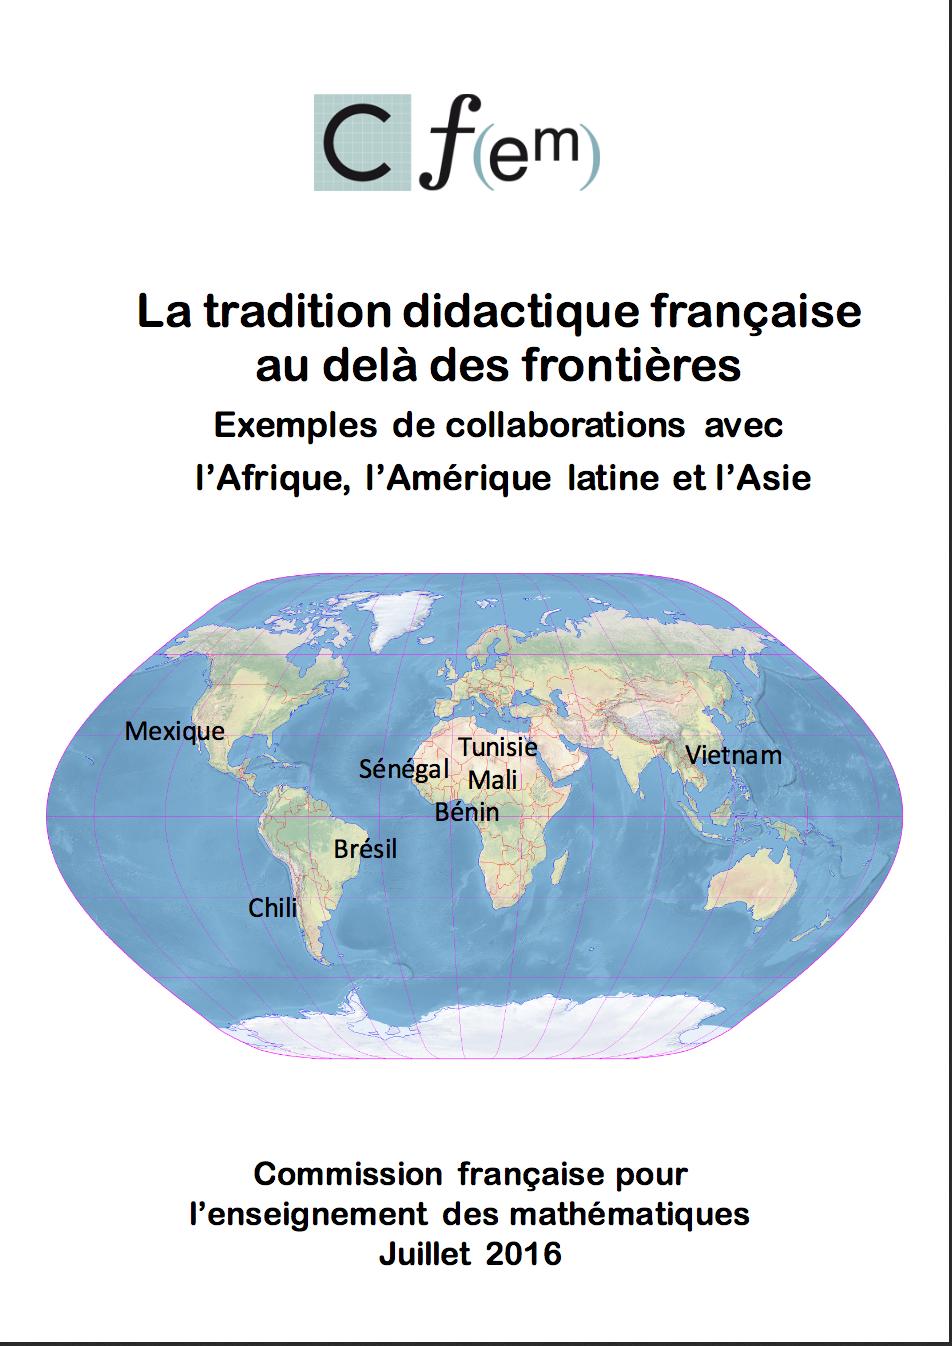 Couverture trad didactique francaise